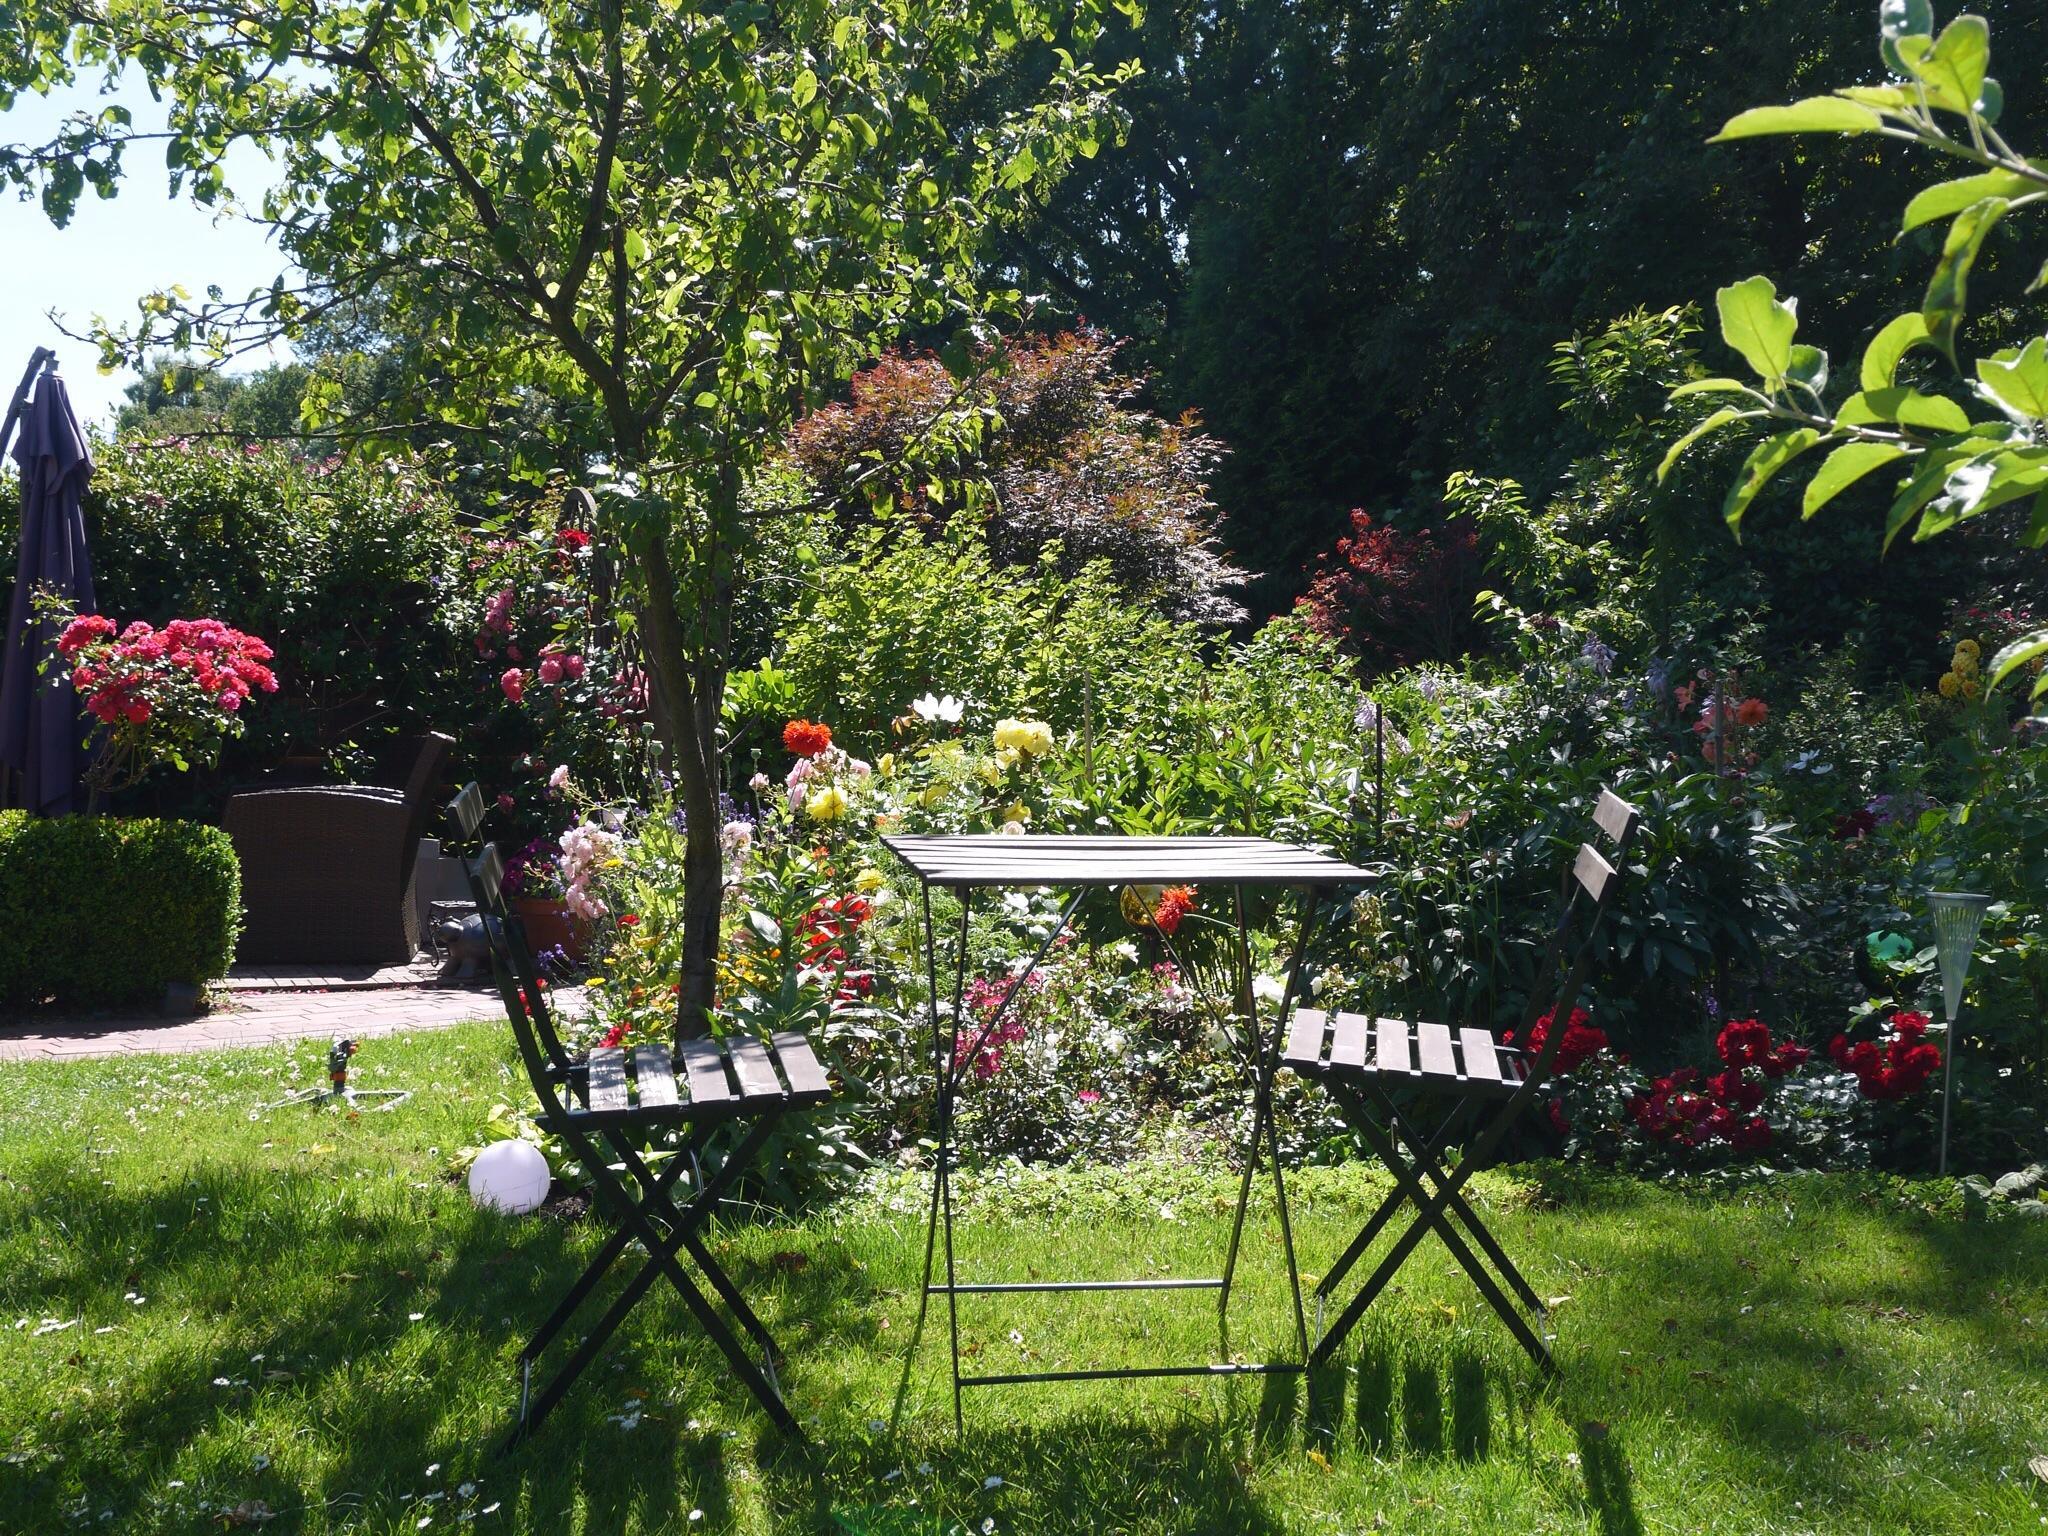 Garten bilder ideen couchstyle for Garten sitzecke modern